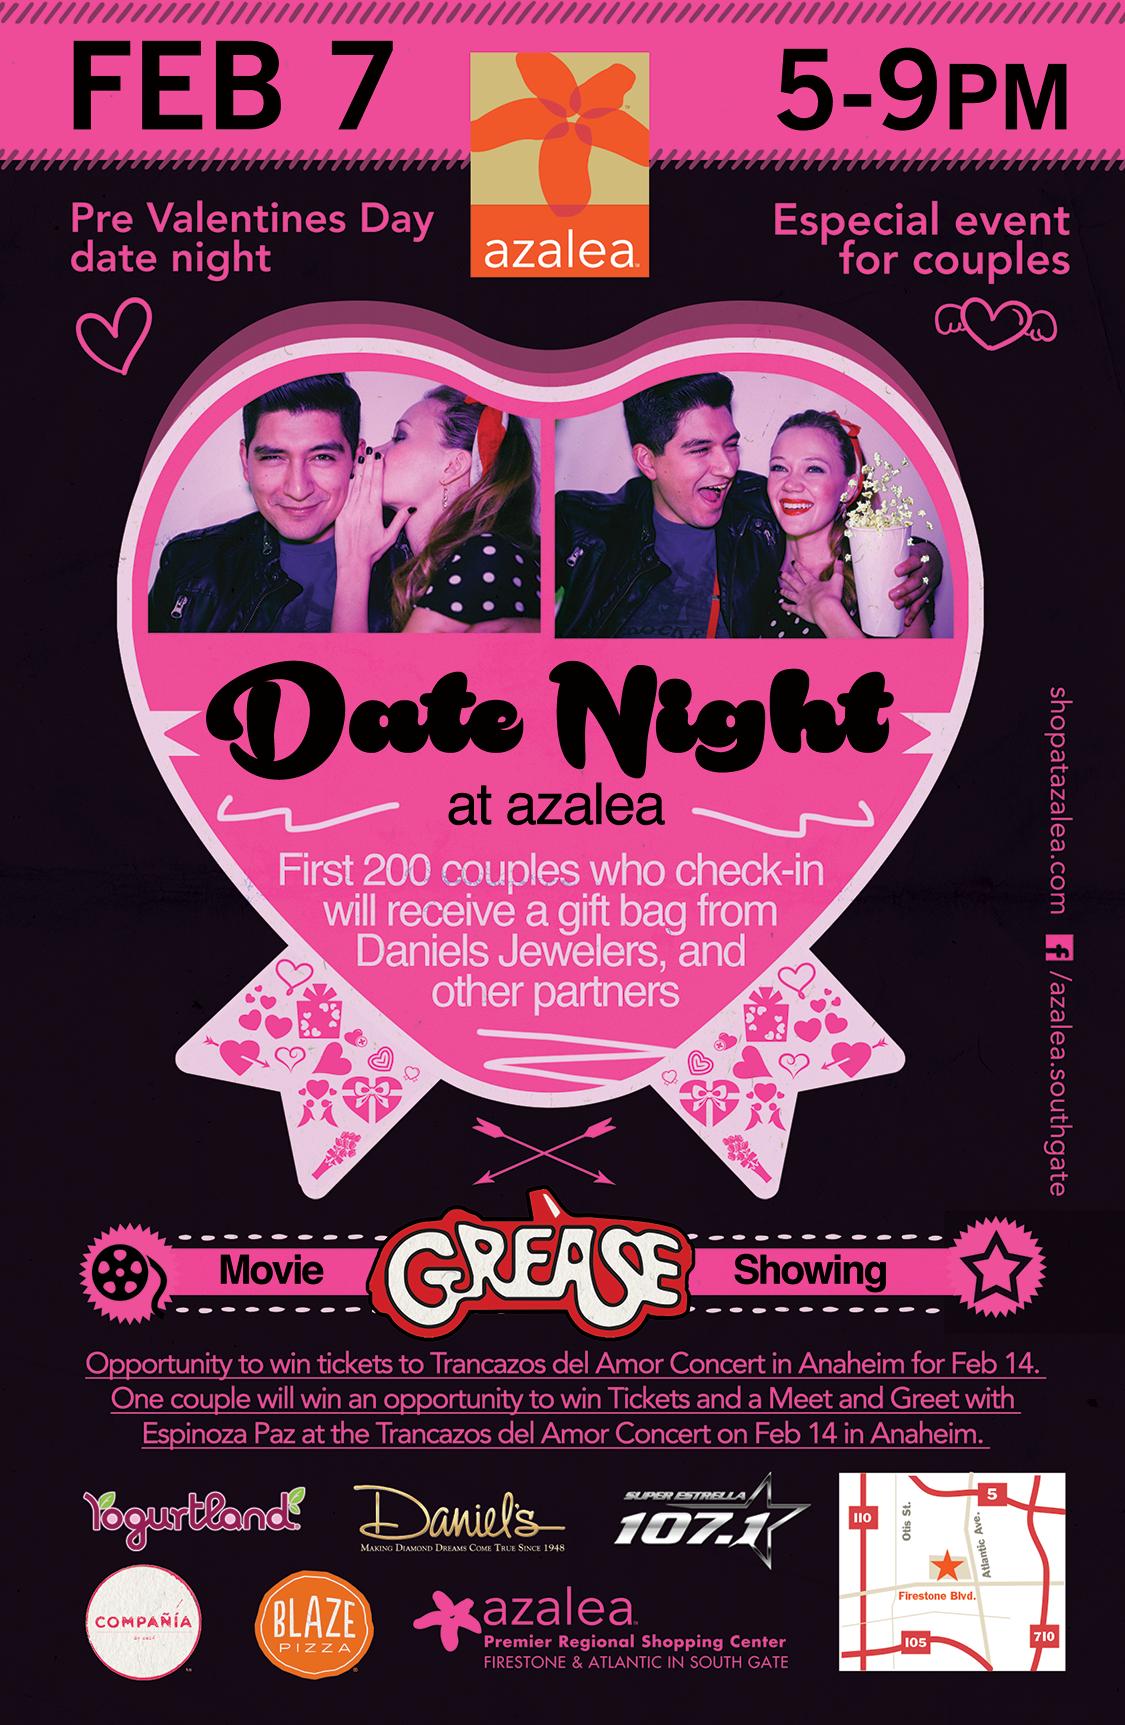 Date Night at azalea